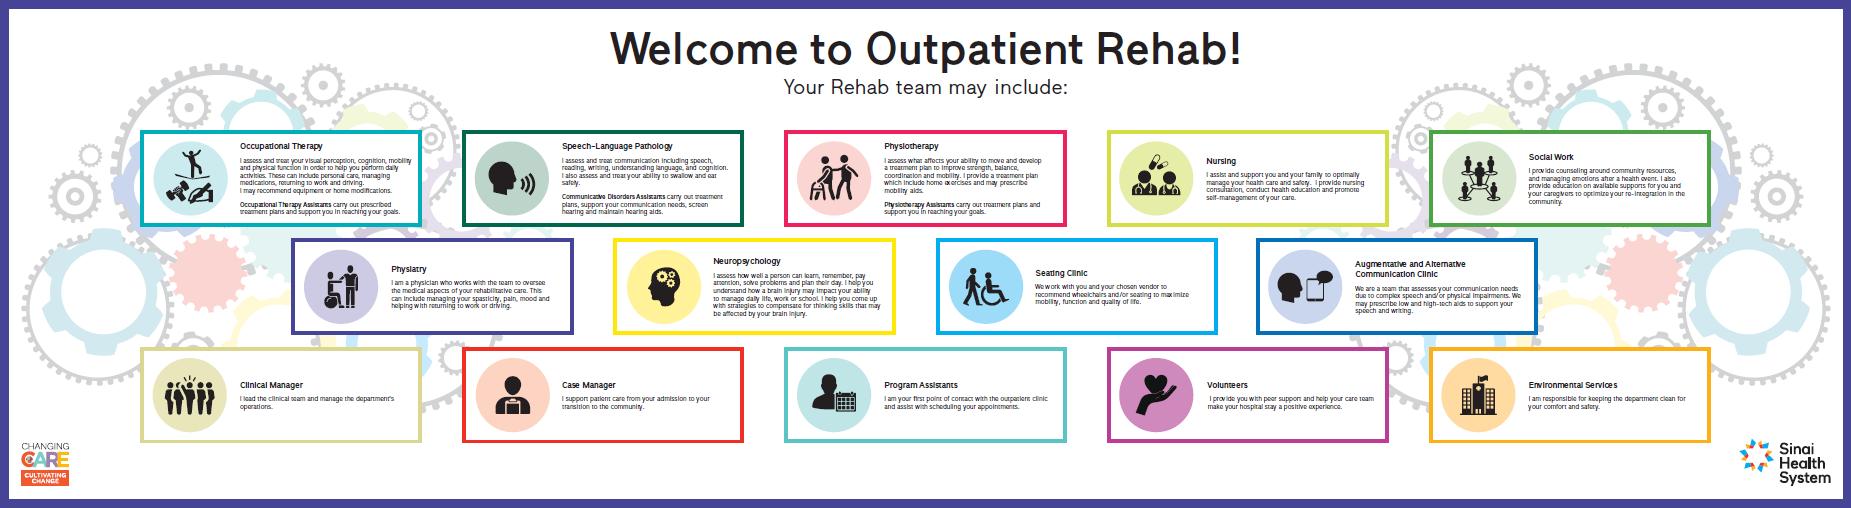 outpatient-description-wall